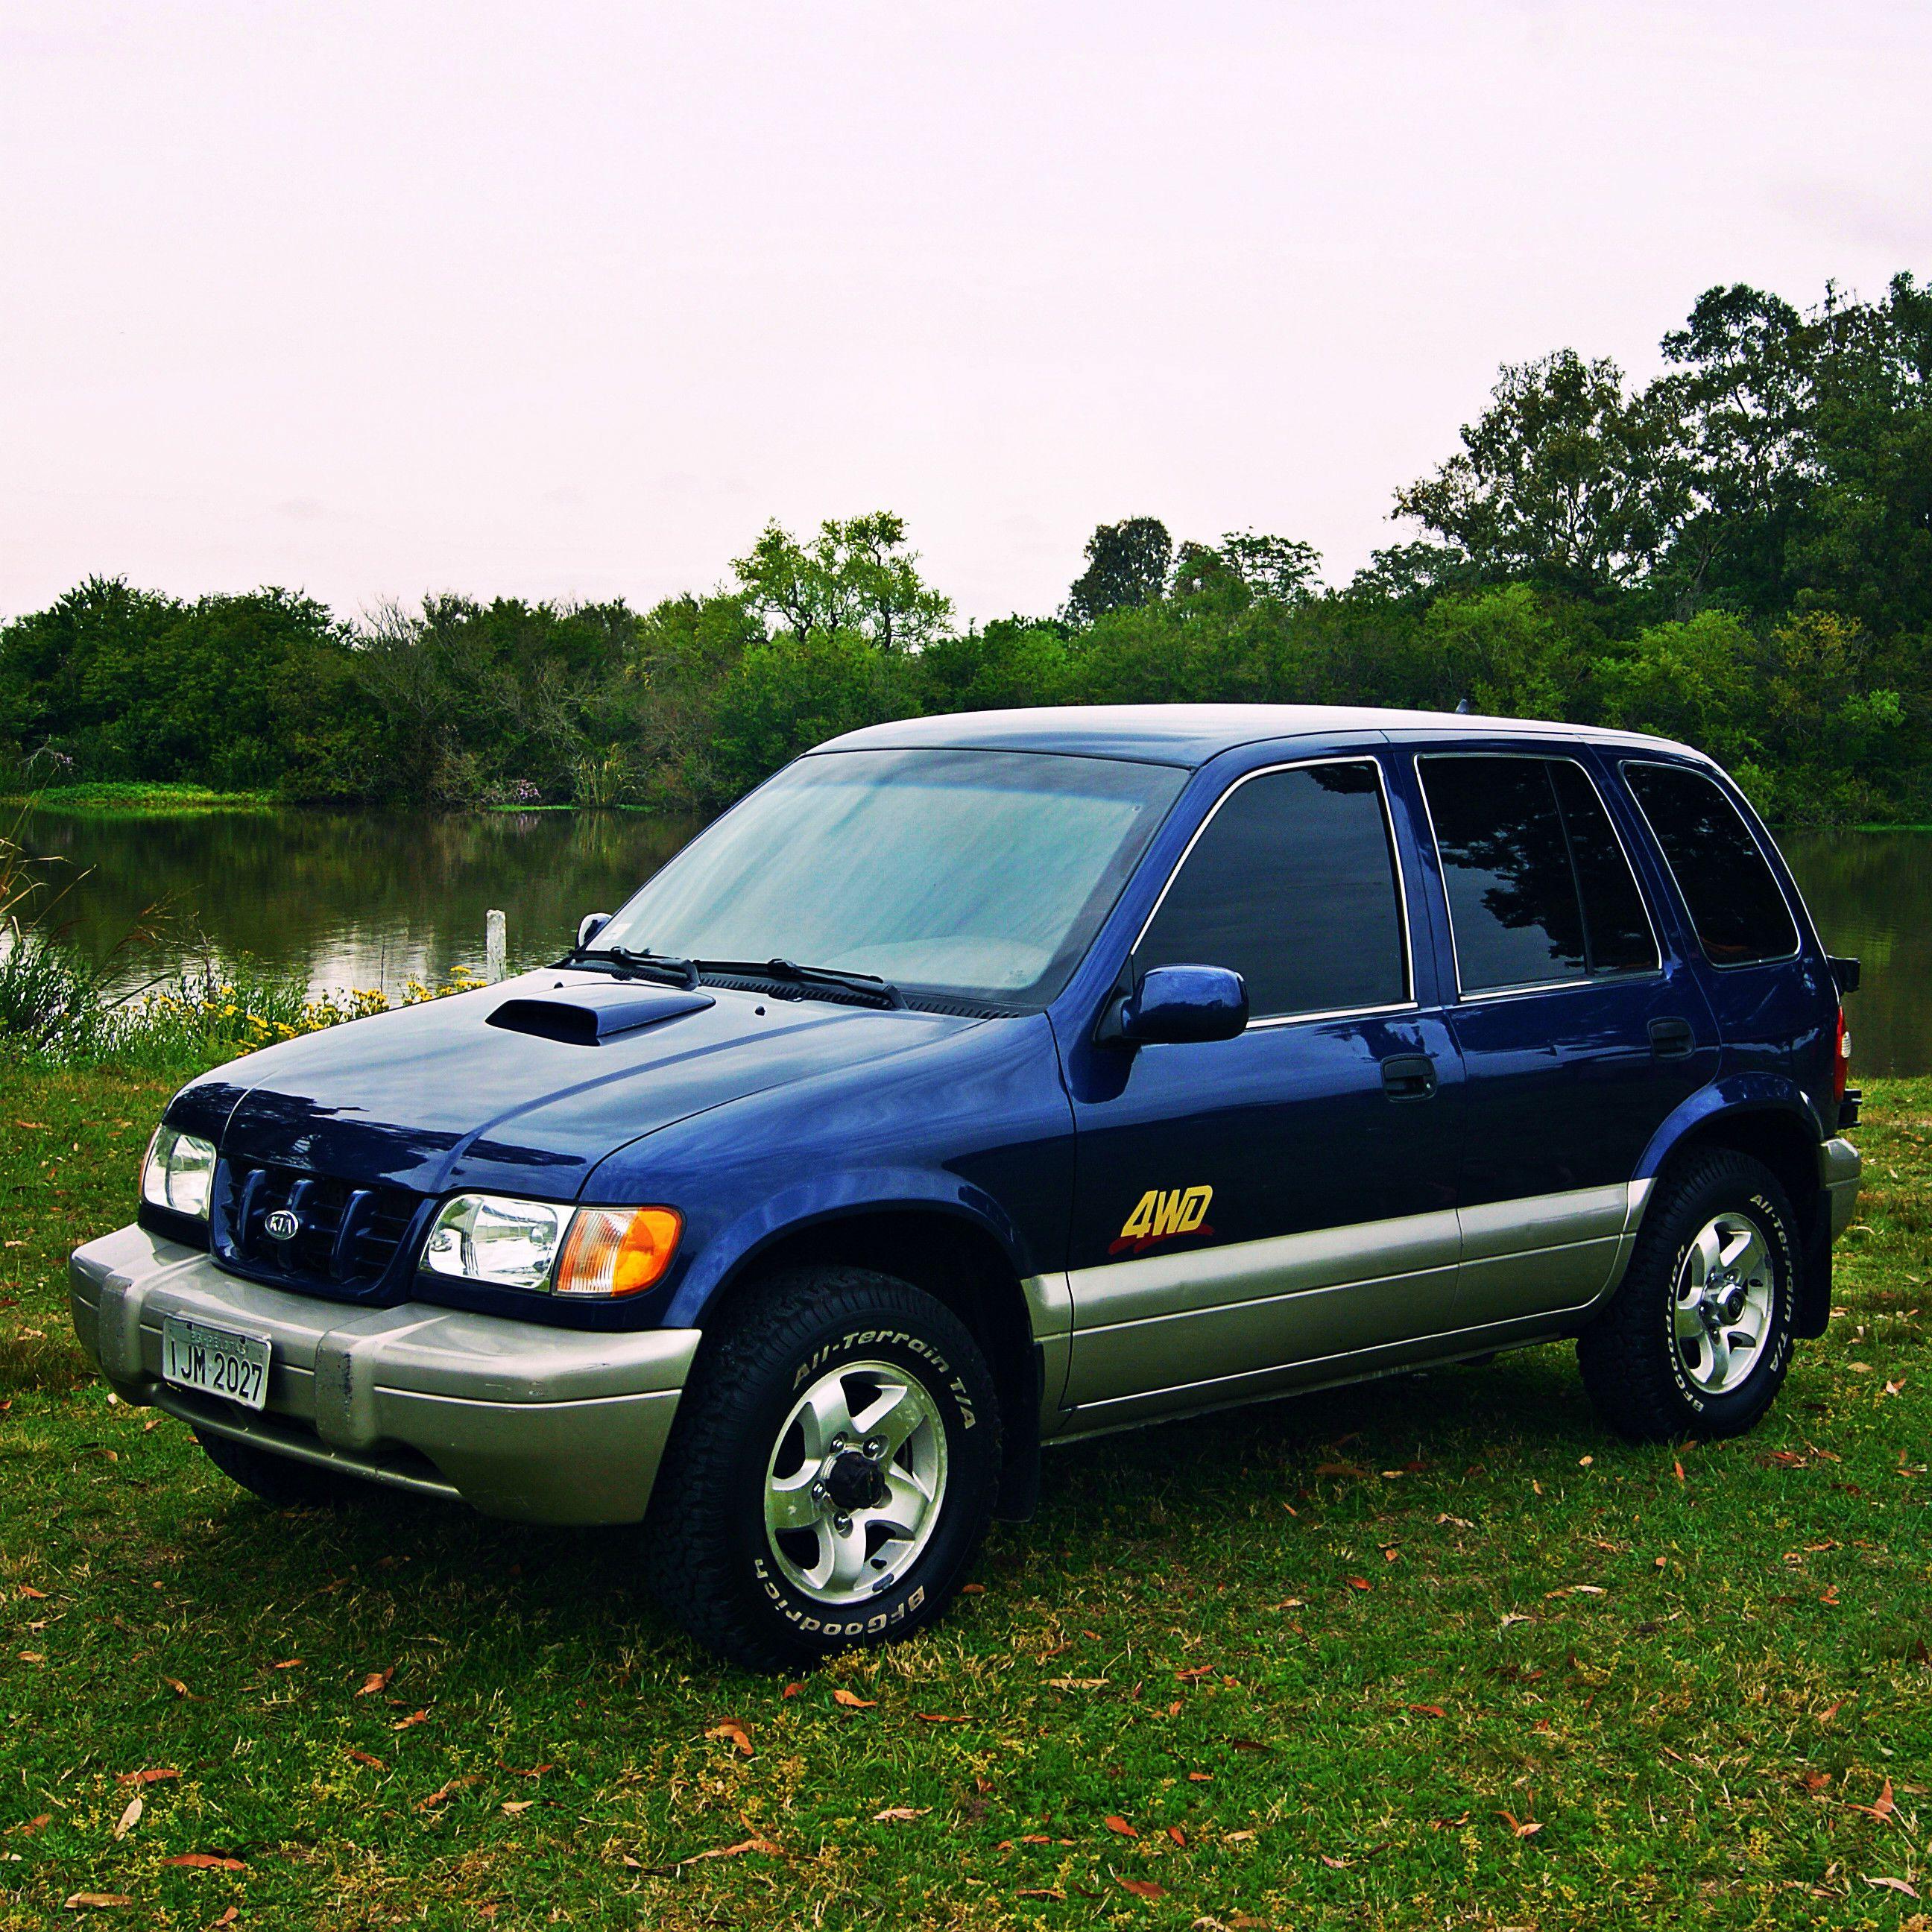 my Kia Sportage 2.0 8v Tb-ic diesel year 2000